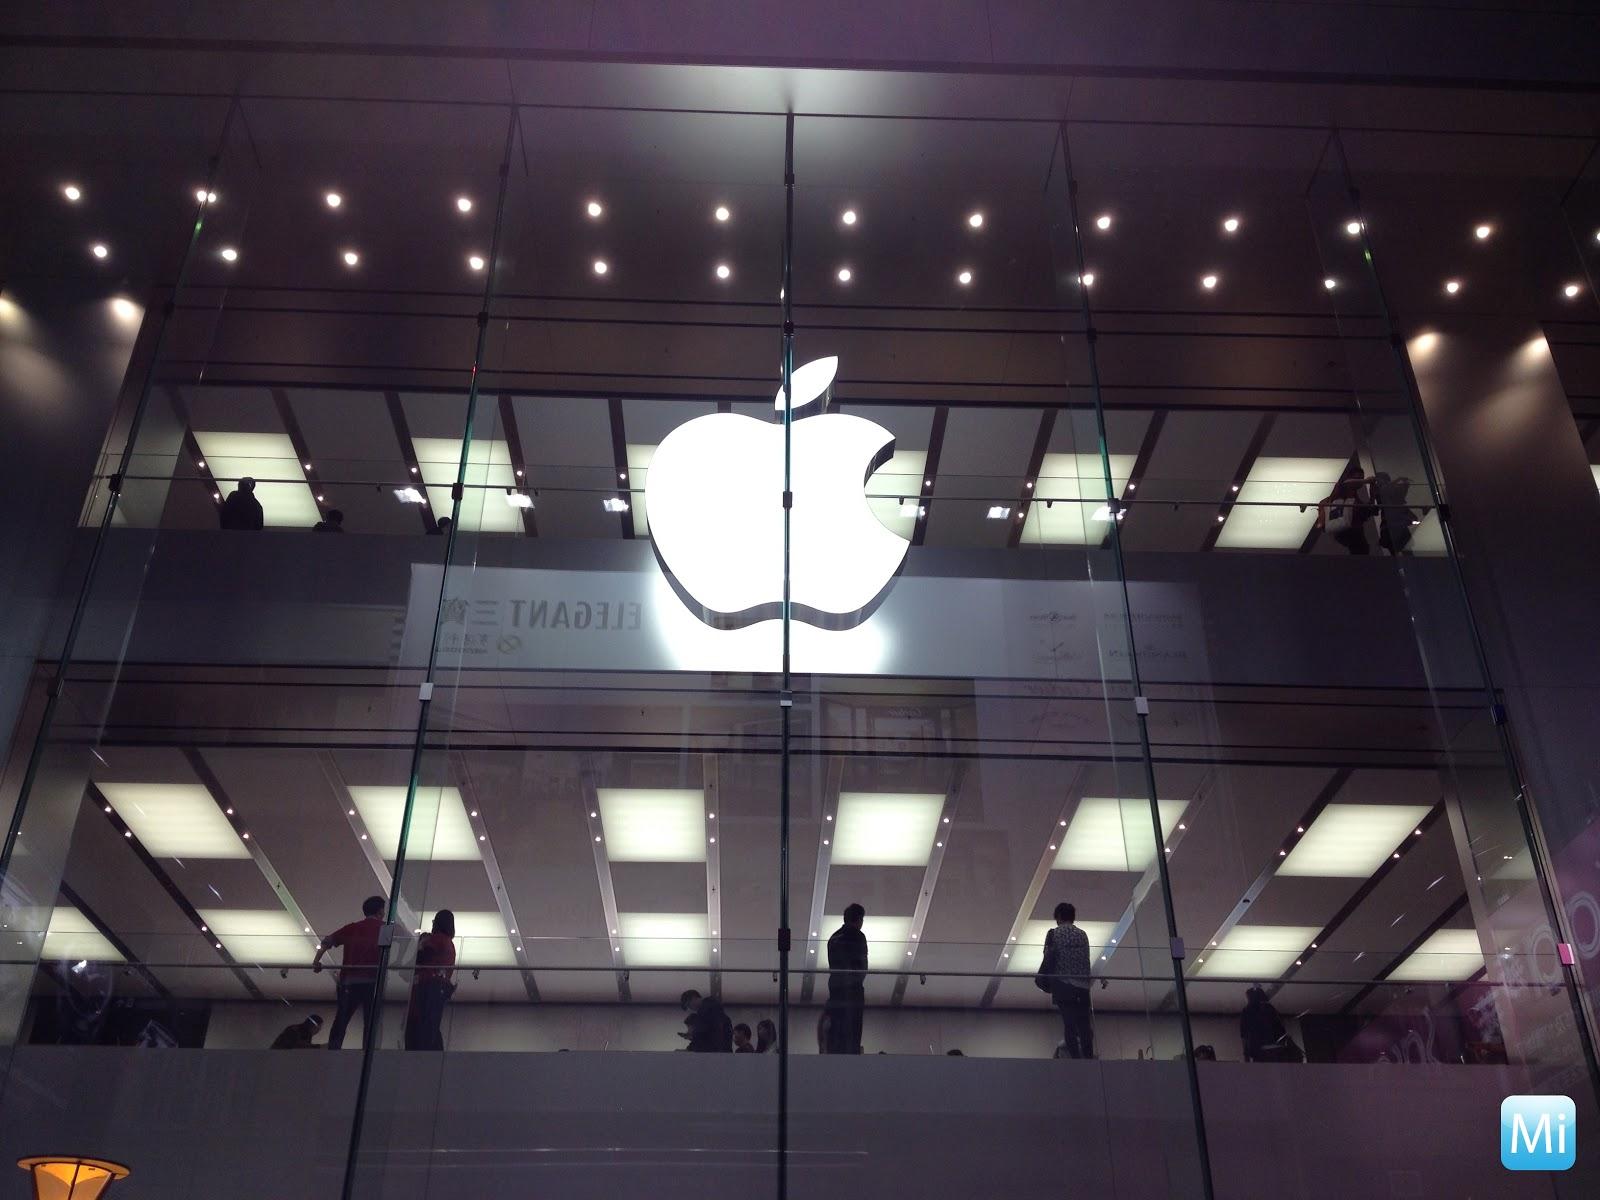 [非酸蘋果迷] Apple退燒了嗎? 從數據就知道